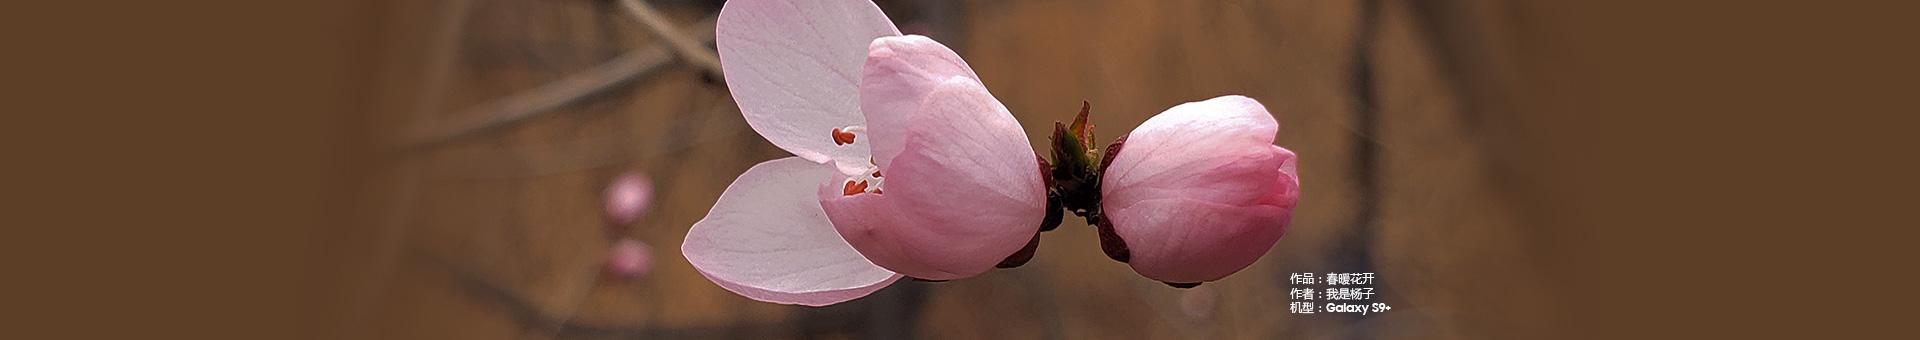 【踏春】+春暖花开